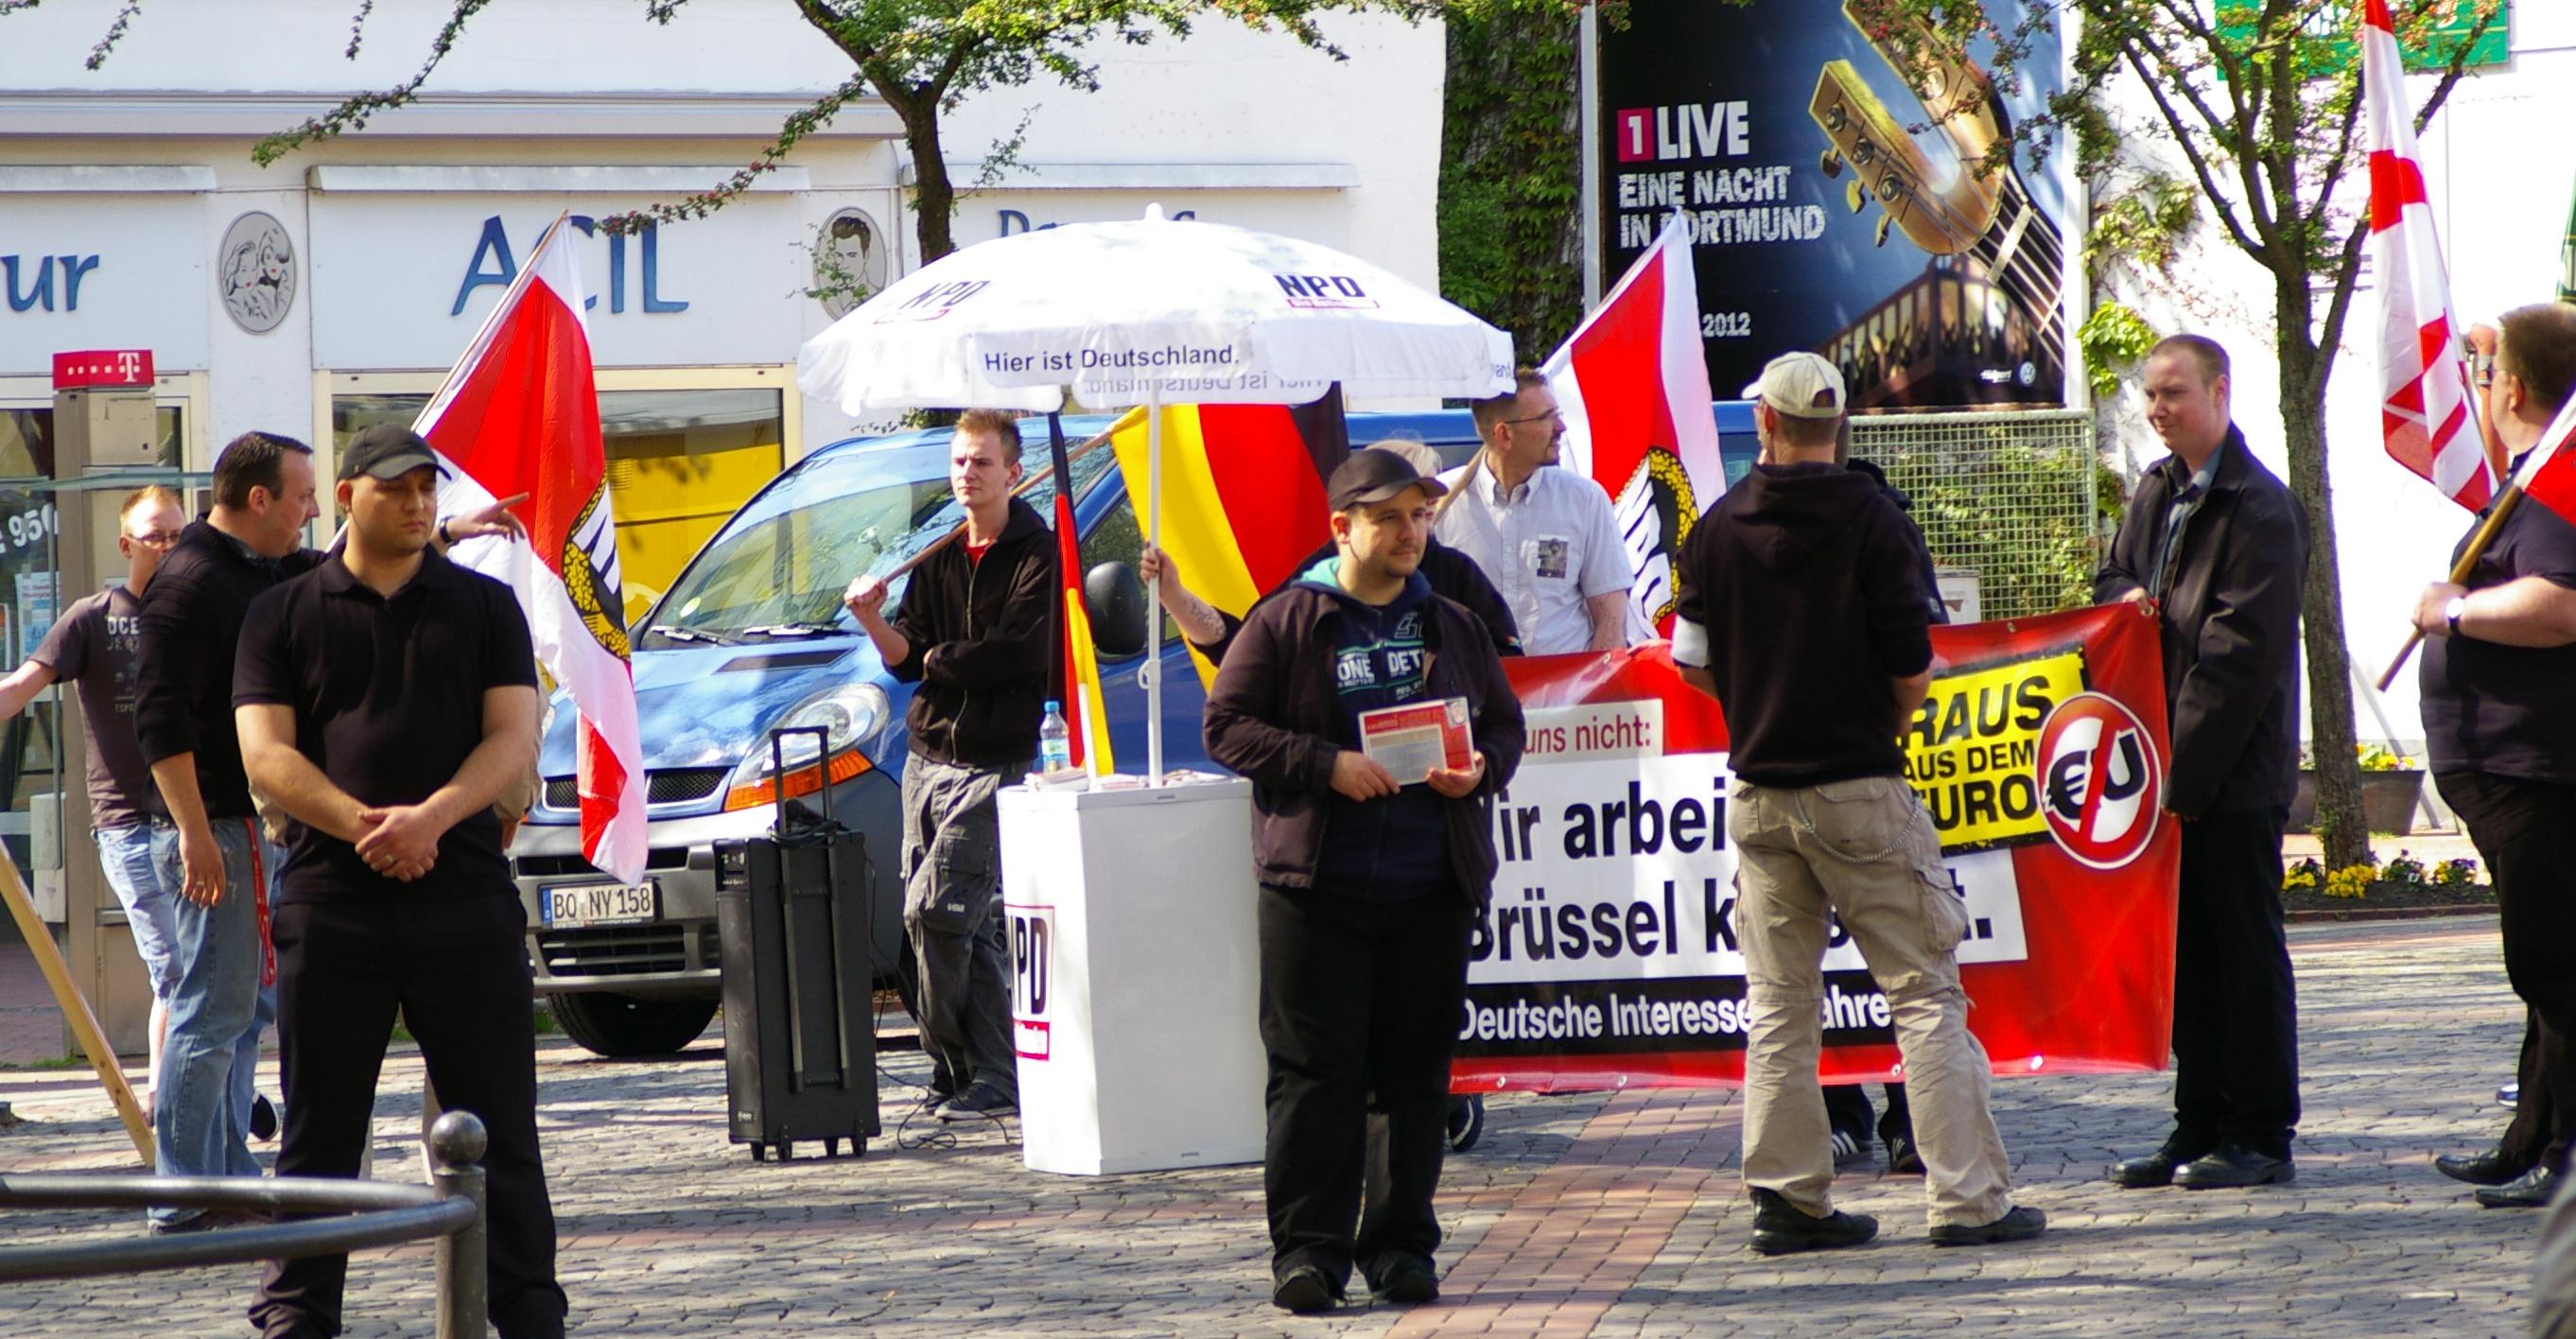 NPD-Stand in Dortmund-Hombruch